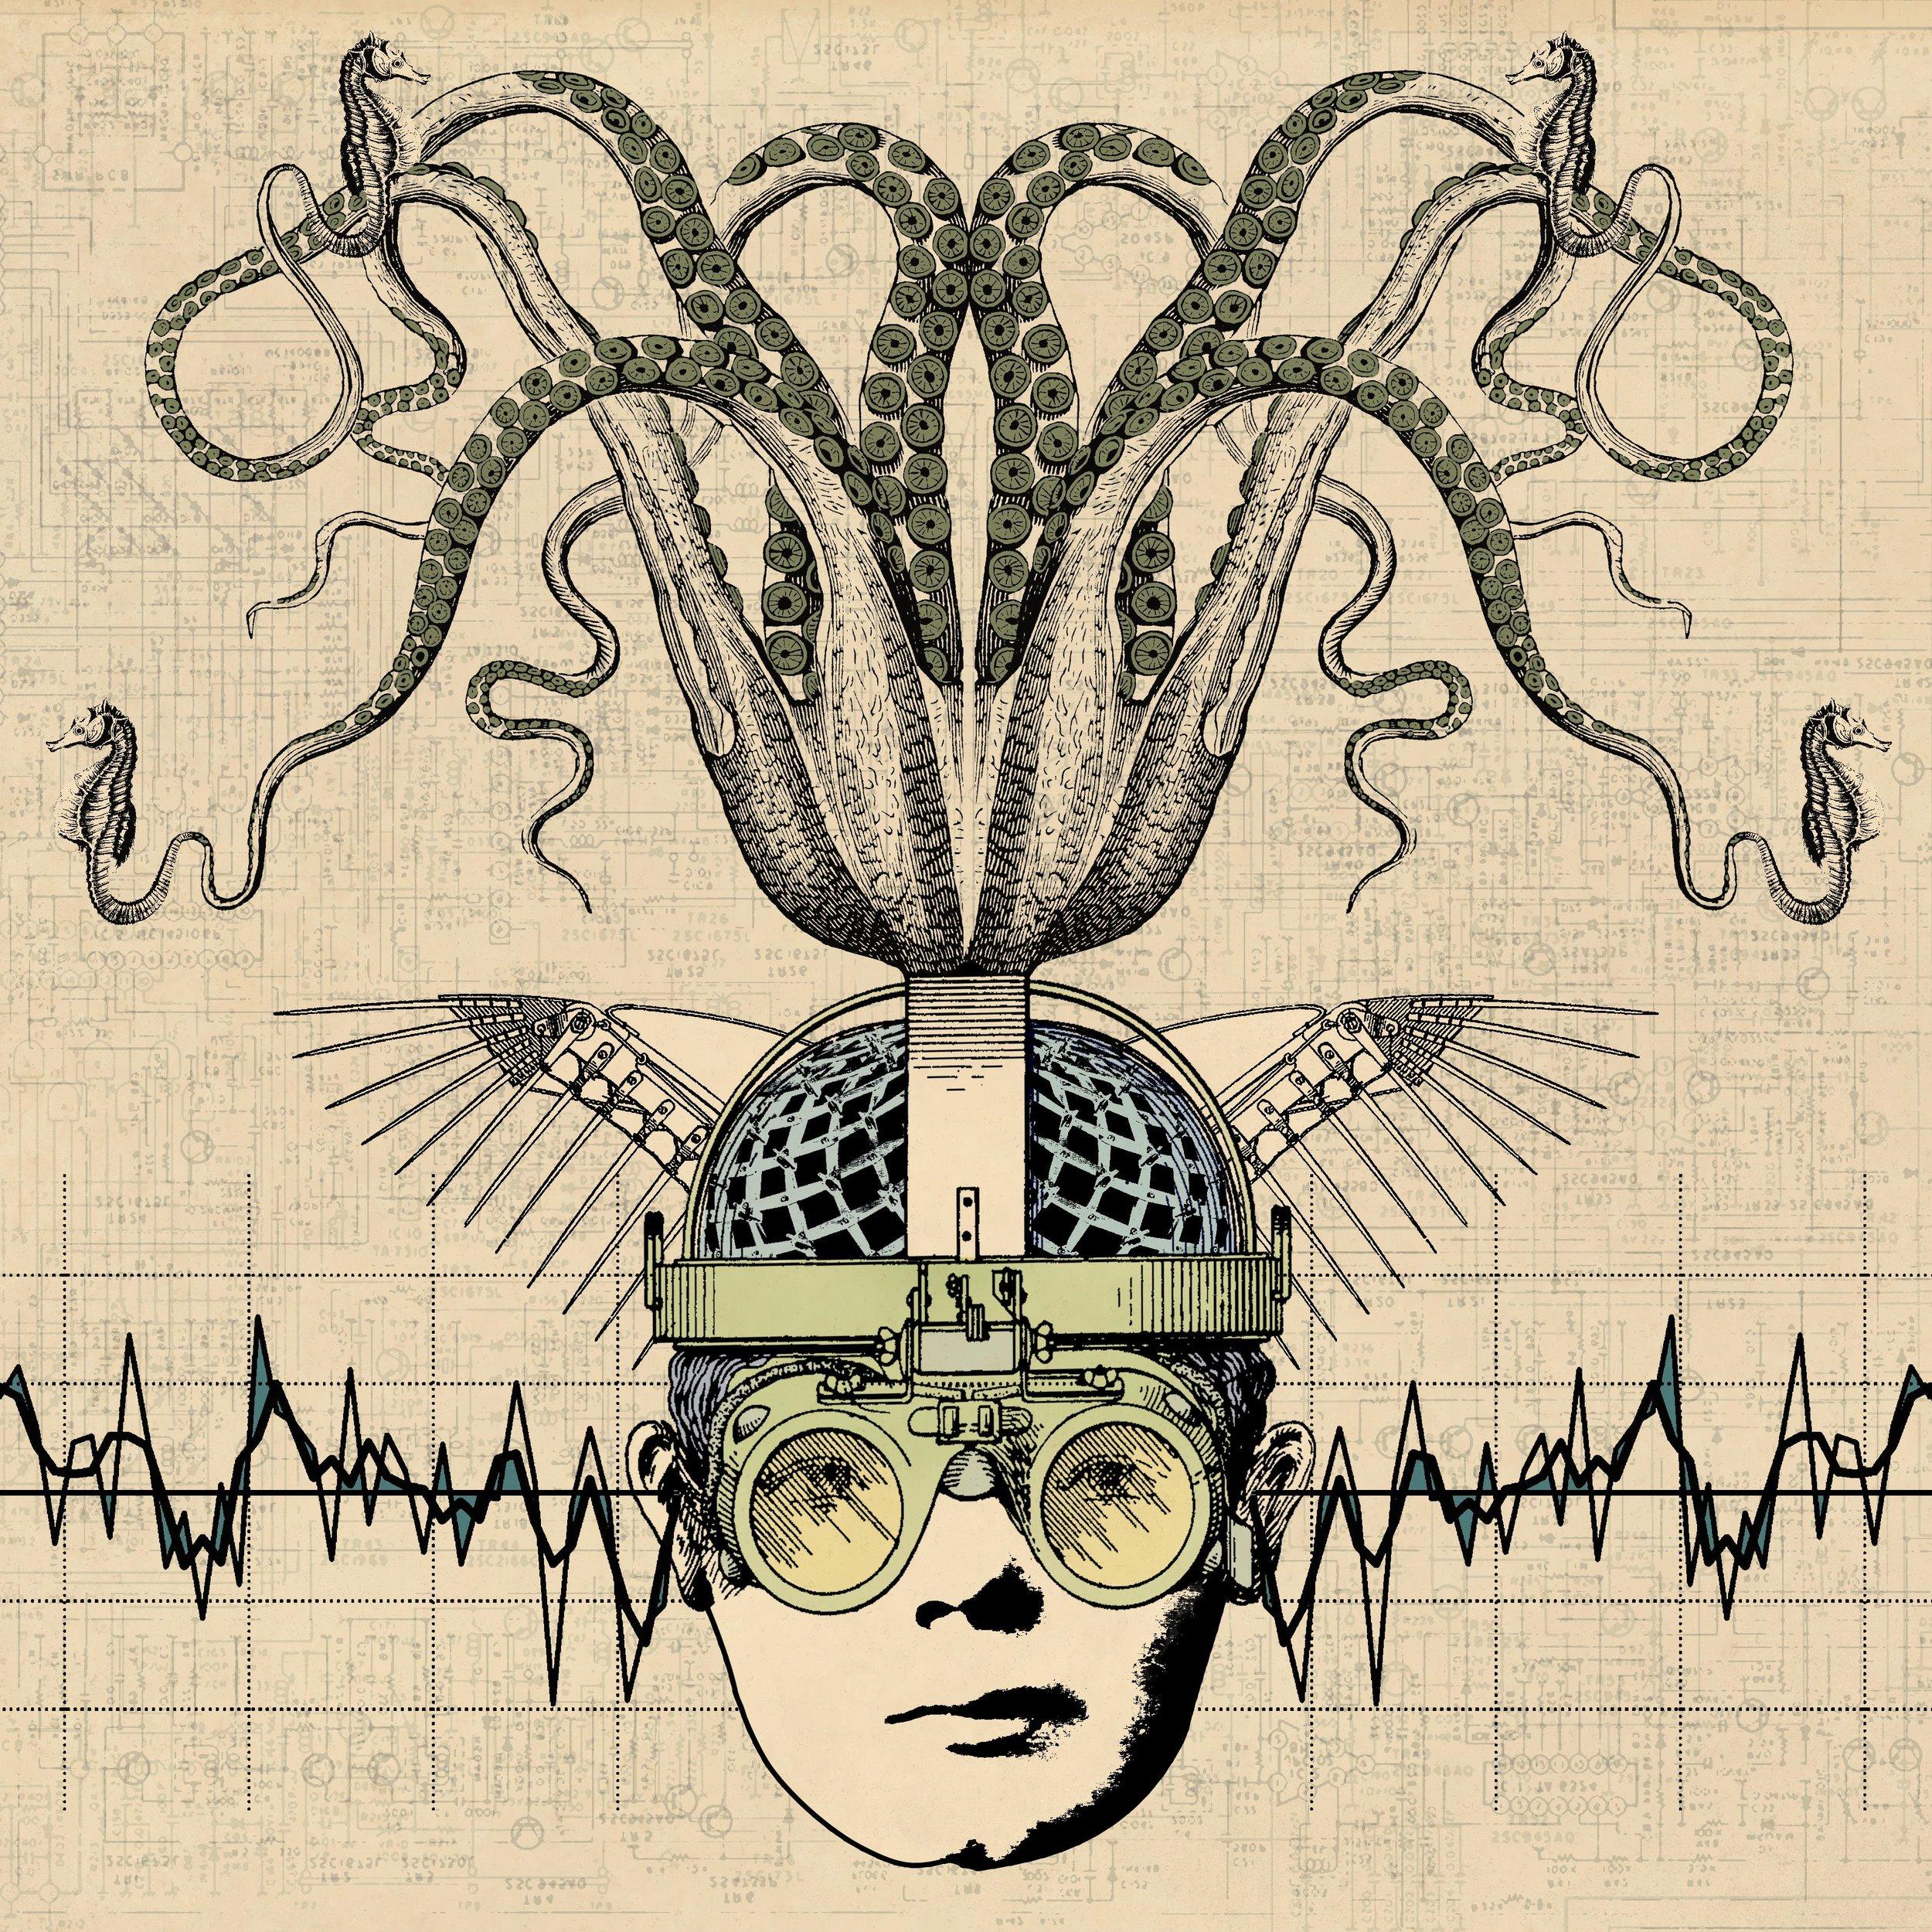 stranger-heads-prevail-album-art.jpg